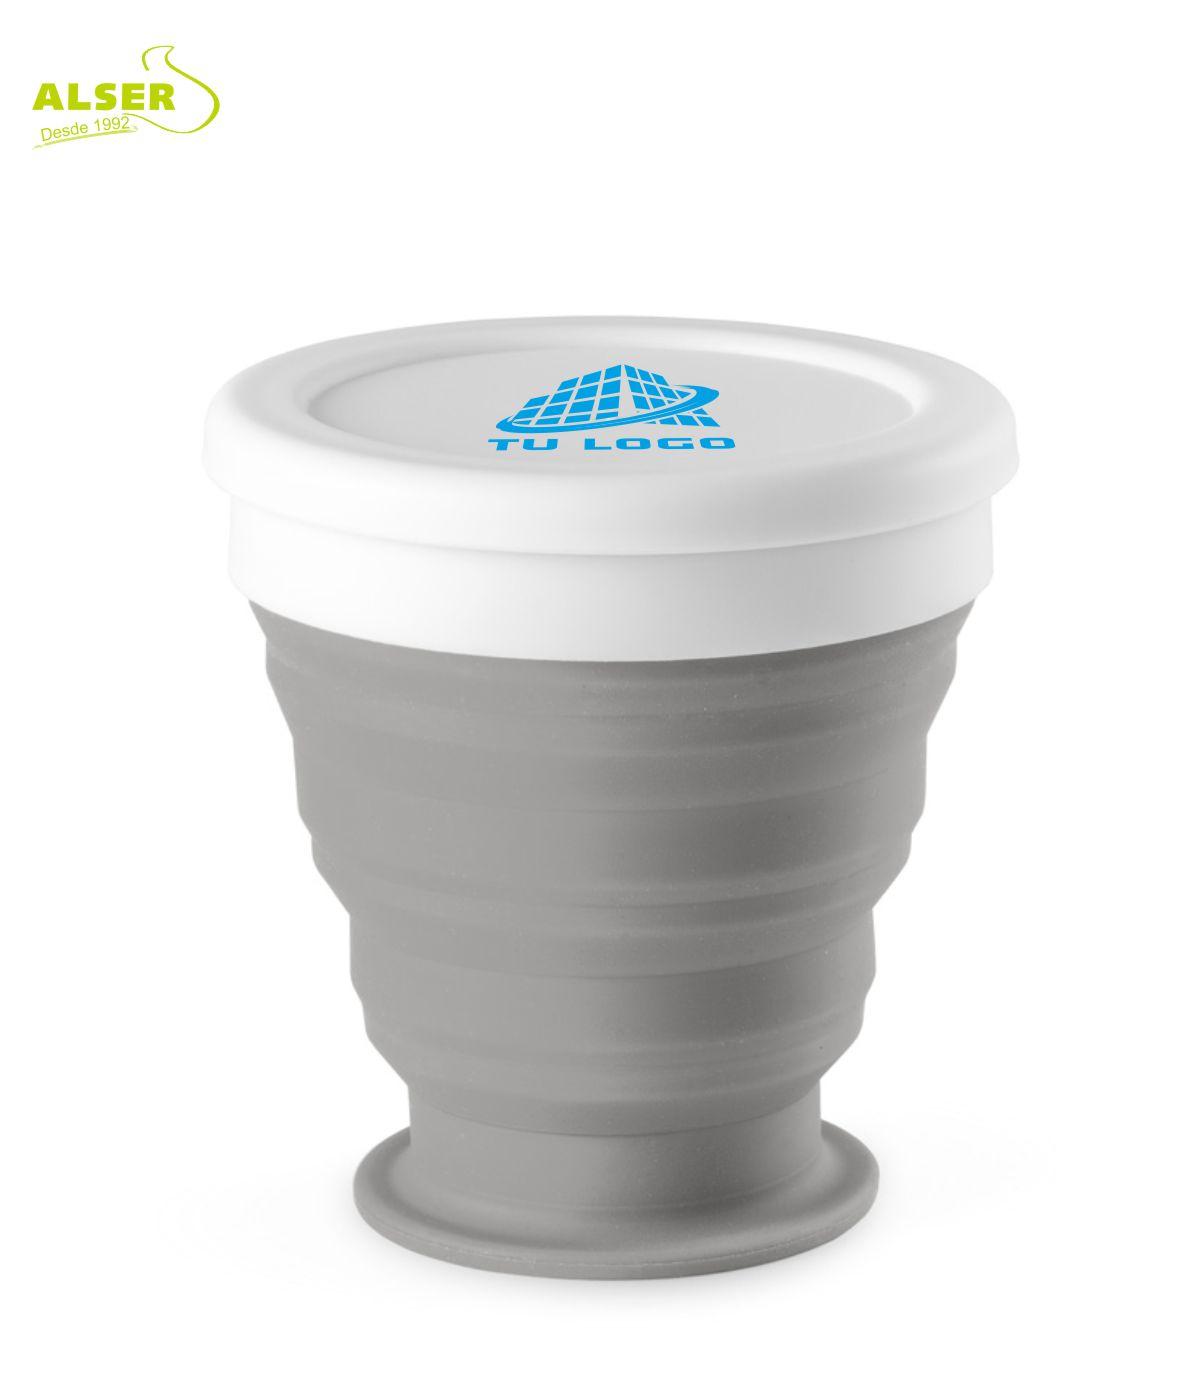 vaso plegable de silicona Gris